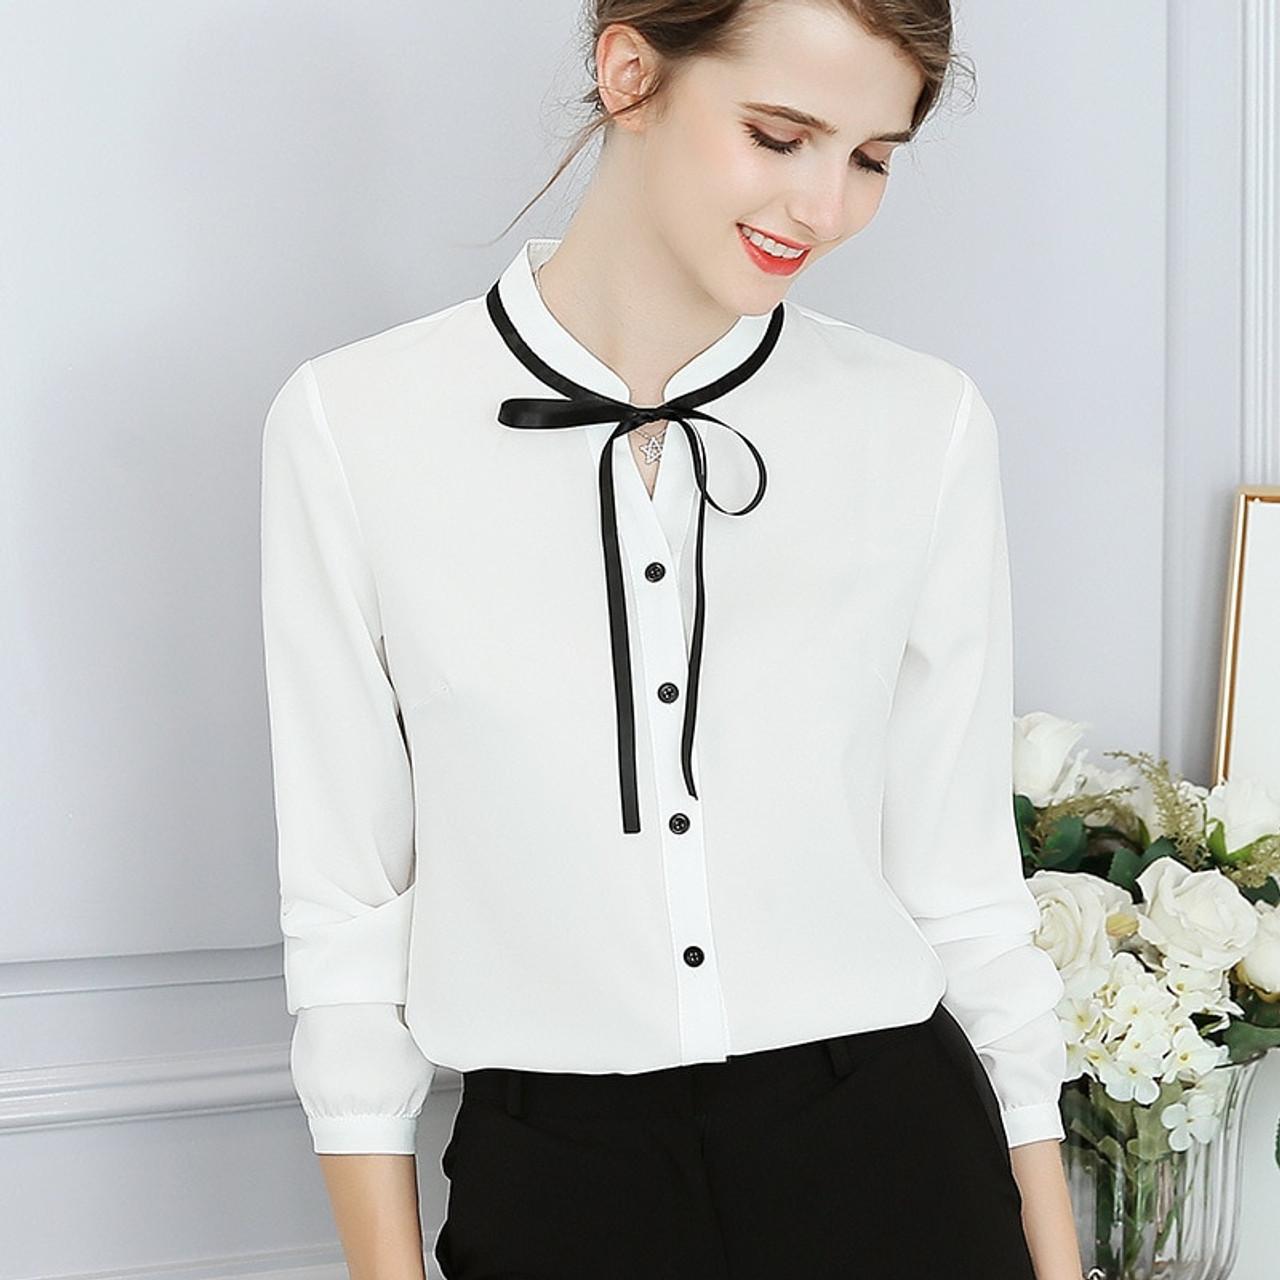 d3e5d37e5b0c3 ... New Spring Autumn Tops Office Ladies Blouse Fashion Long Sleeve Bow  Slim White Shirt Female Cute